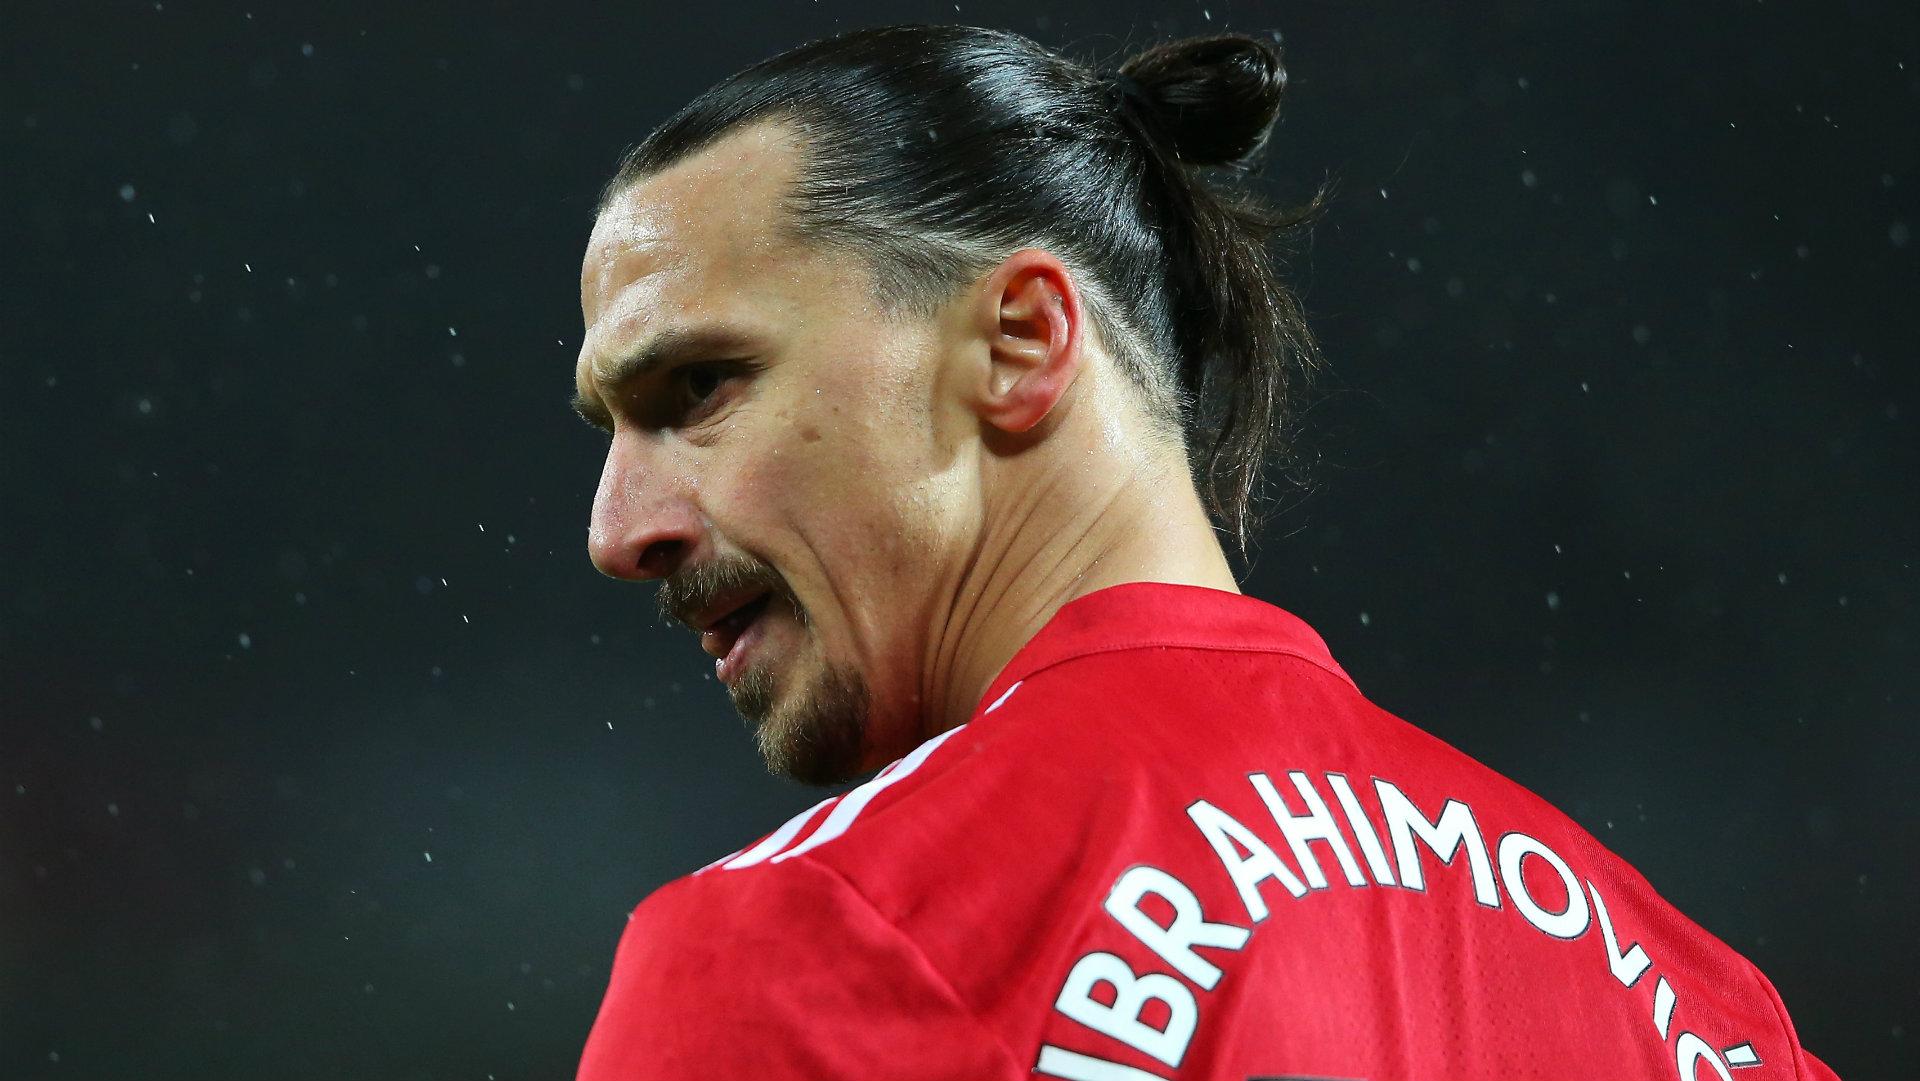 Zlatan-ibrahimovic-man-utd-v-brighton-1718_tkn041rj9r3213b68k6ipal24